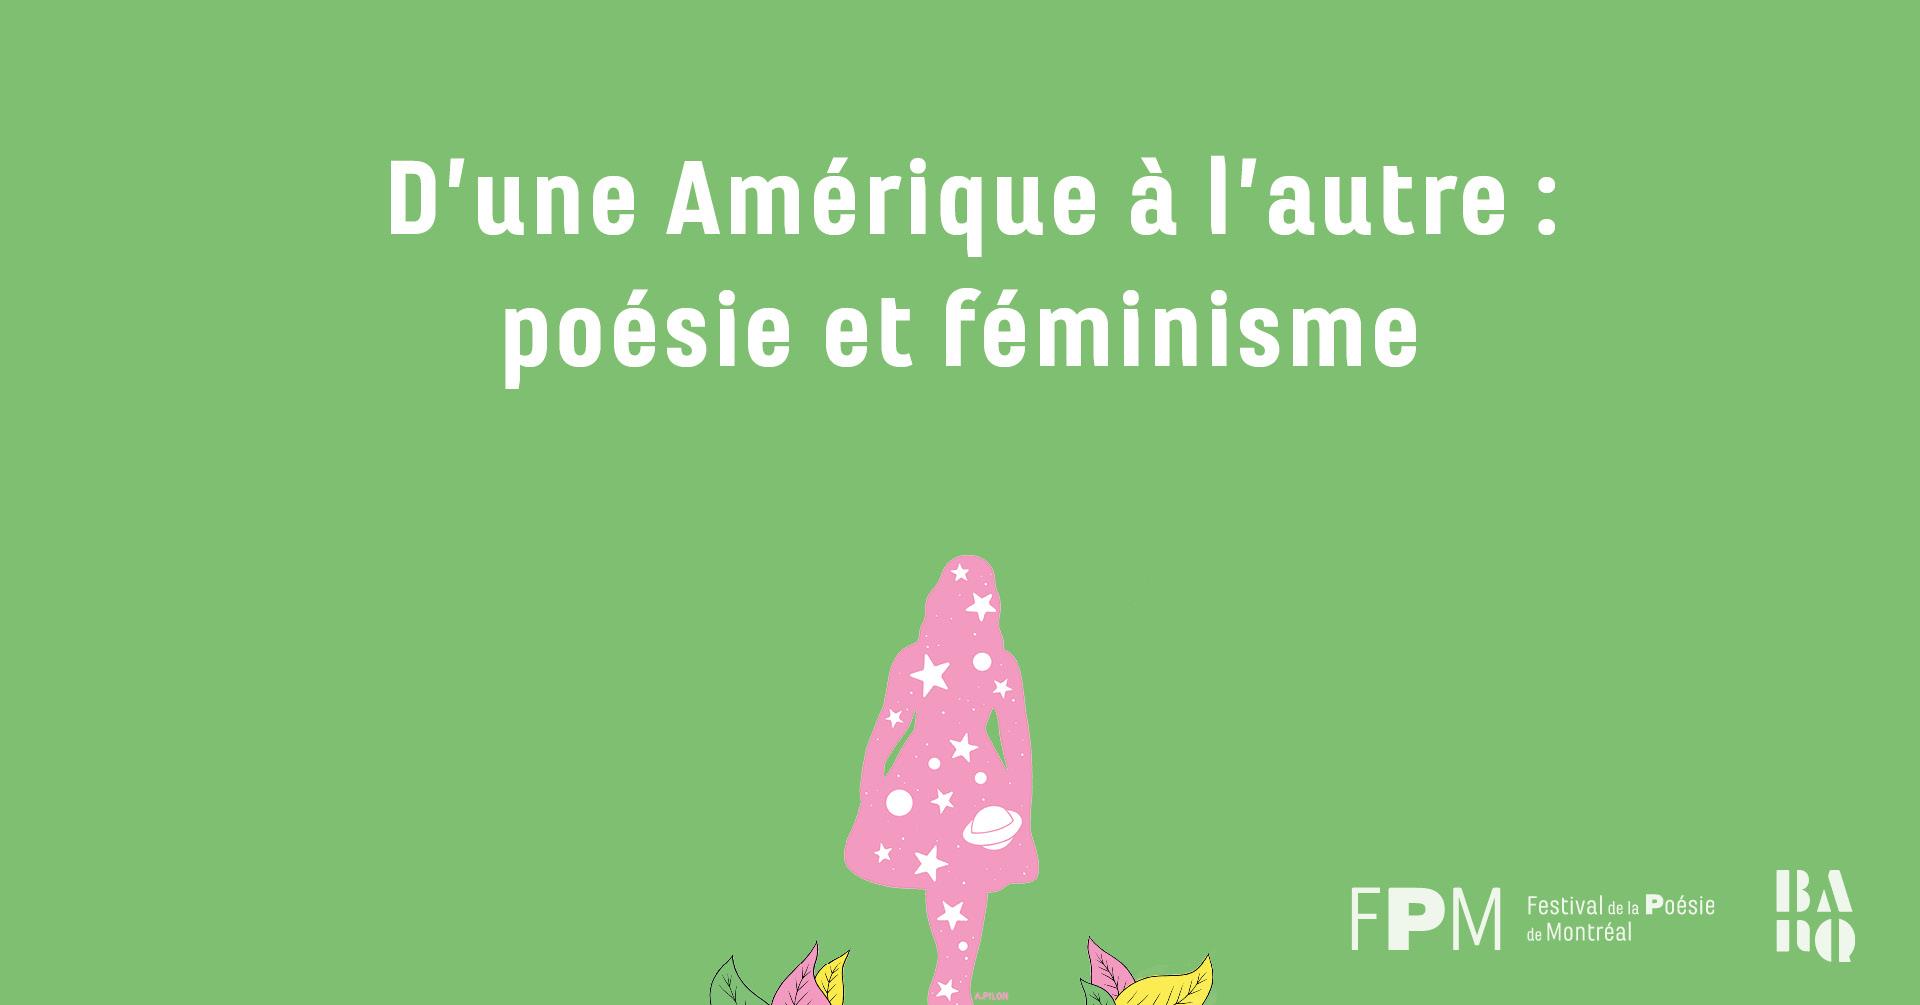 D'une Amérique à l'autre: poésie et féminisme